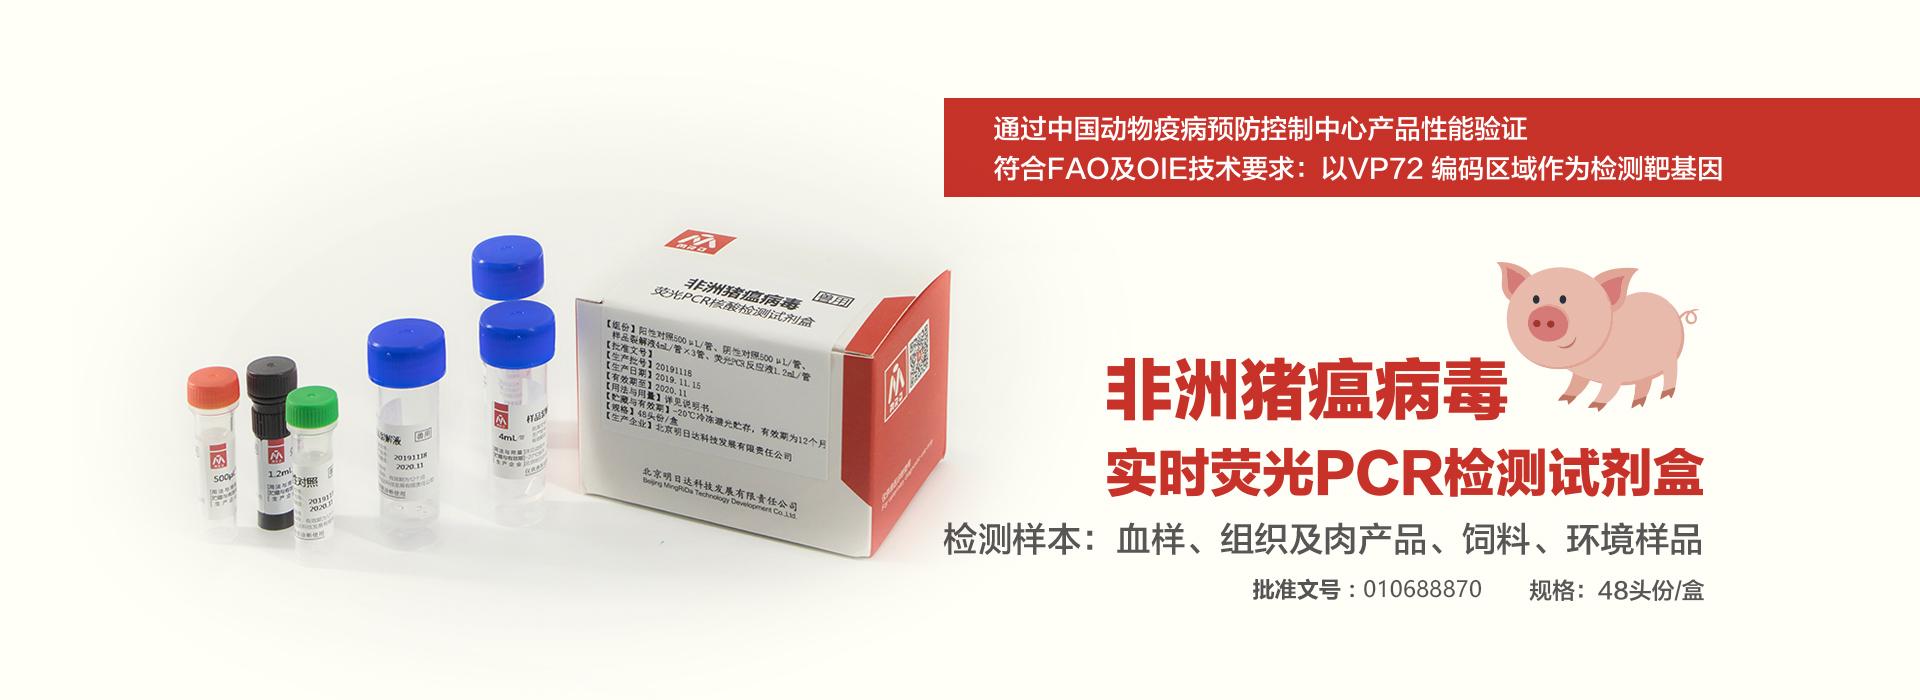 非洲猪瘟病毒实时荧光pcr检测试剂盒